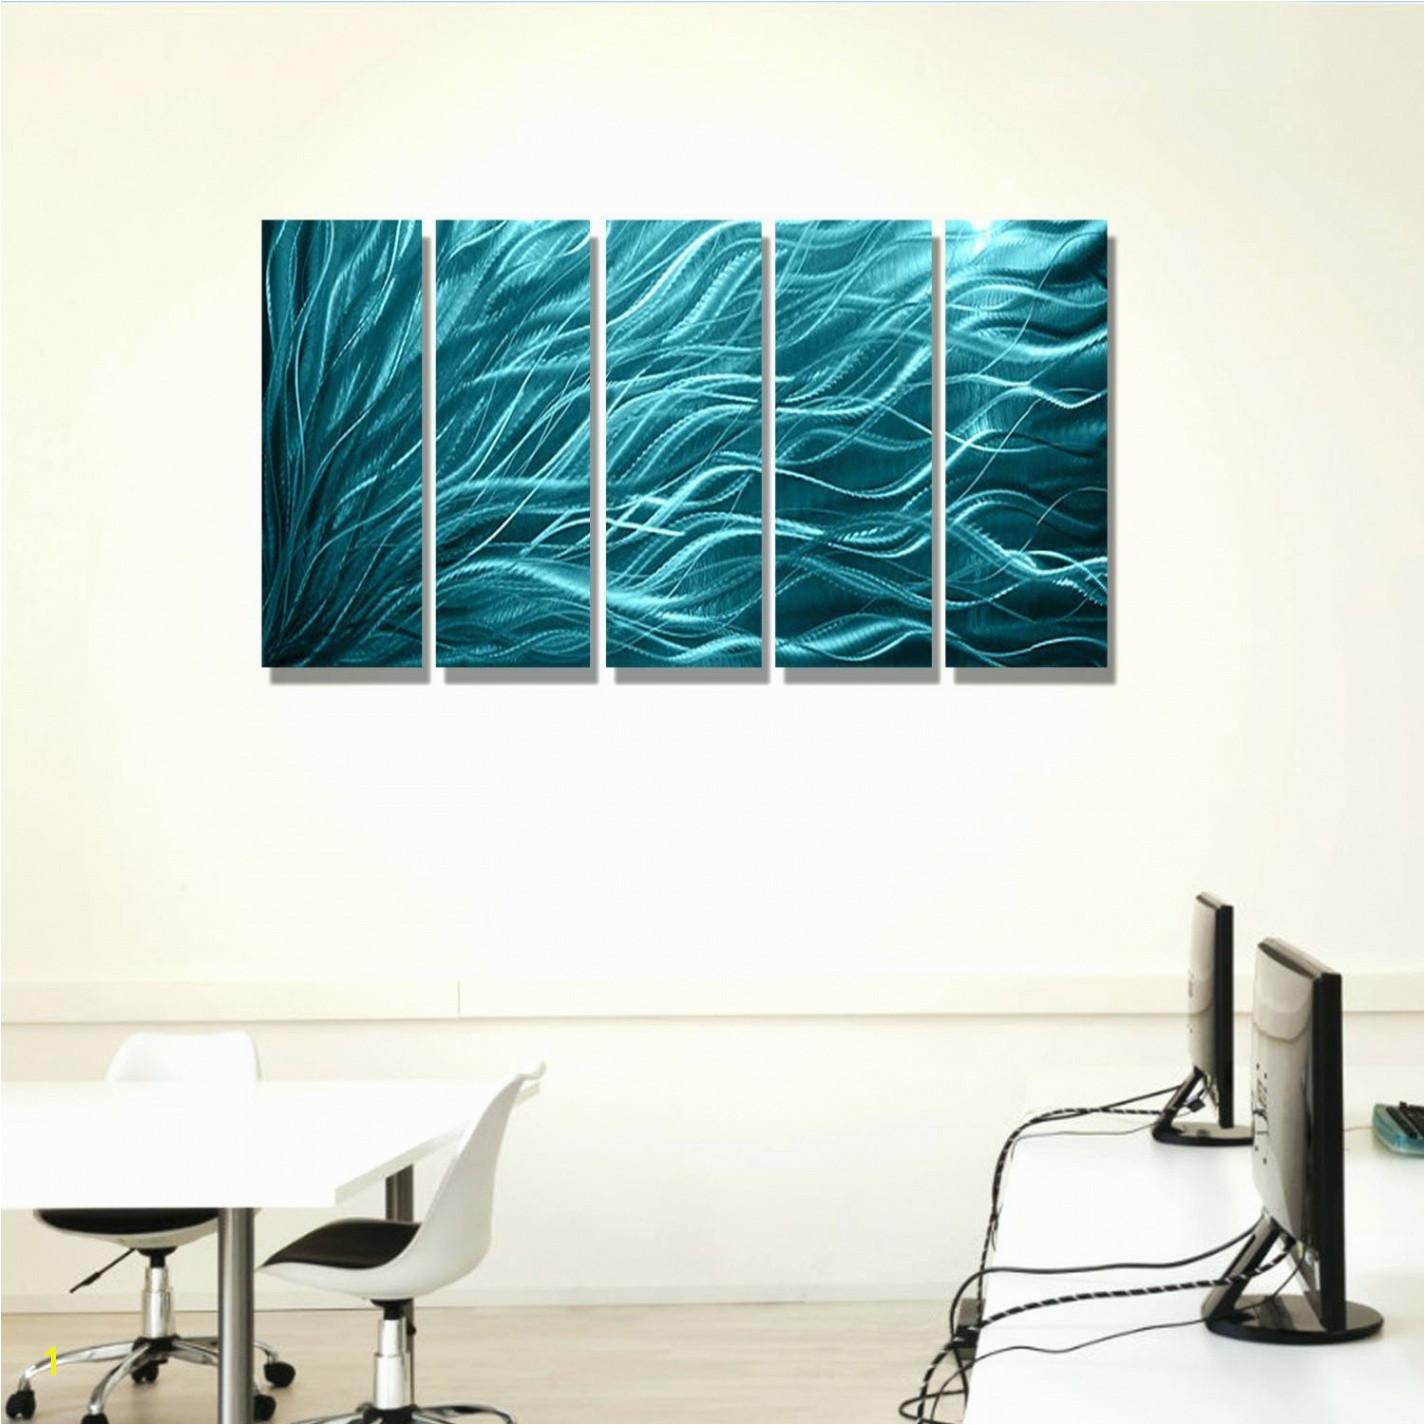 Metal Wall Art Panels Fresh 1 Kirkland Wall Decor Home Design 0d – Decoration Mural oriental